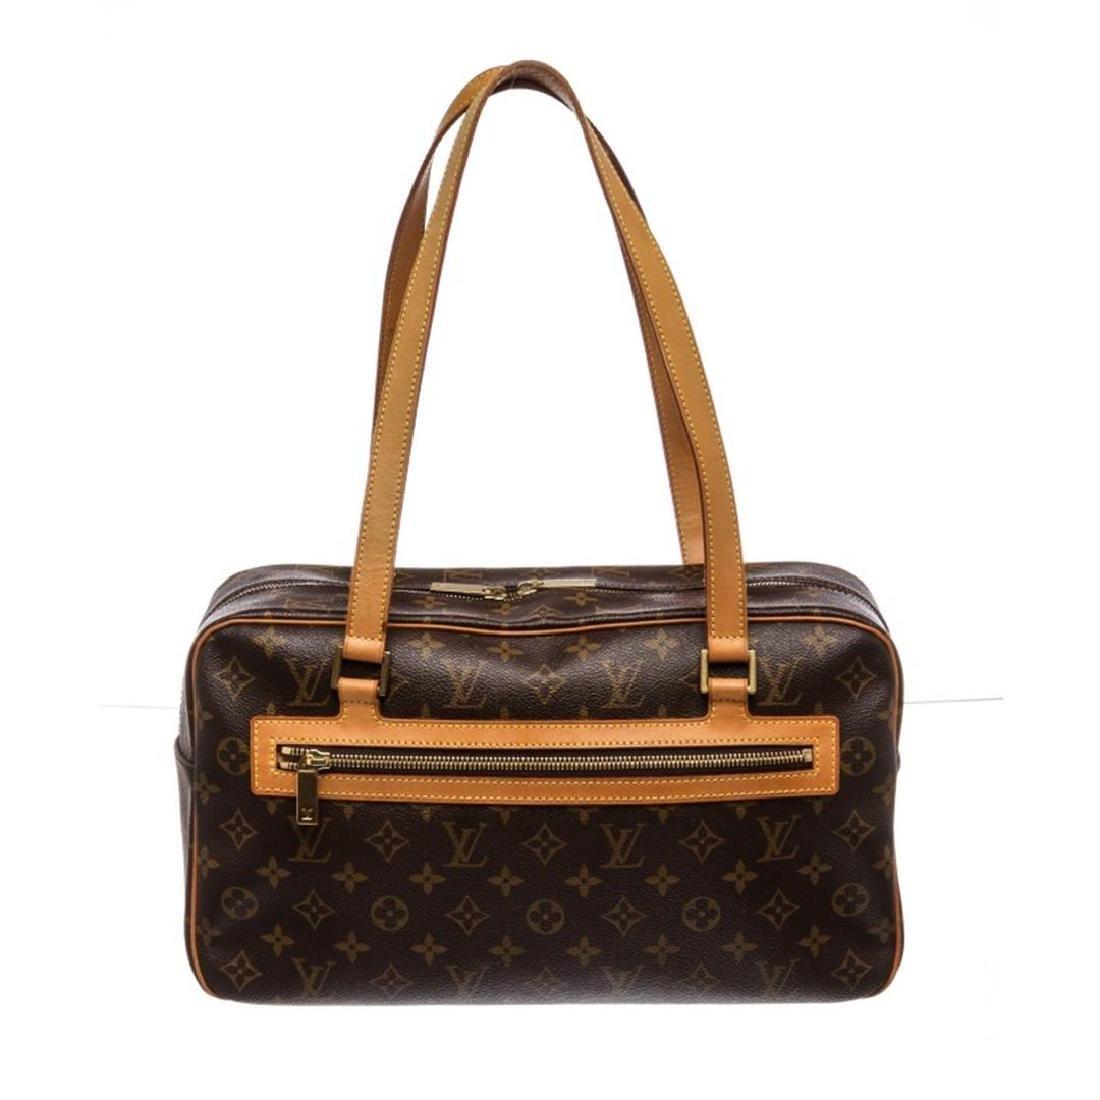 Louis Vuitton Monogram Canvas Leather Cite GM Shoulder